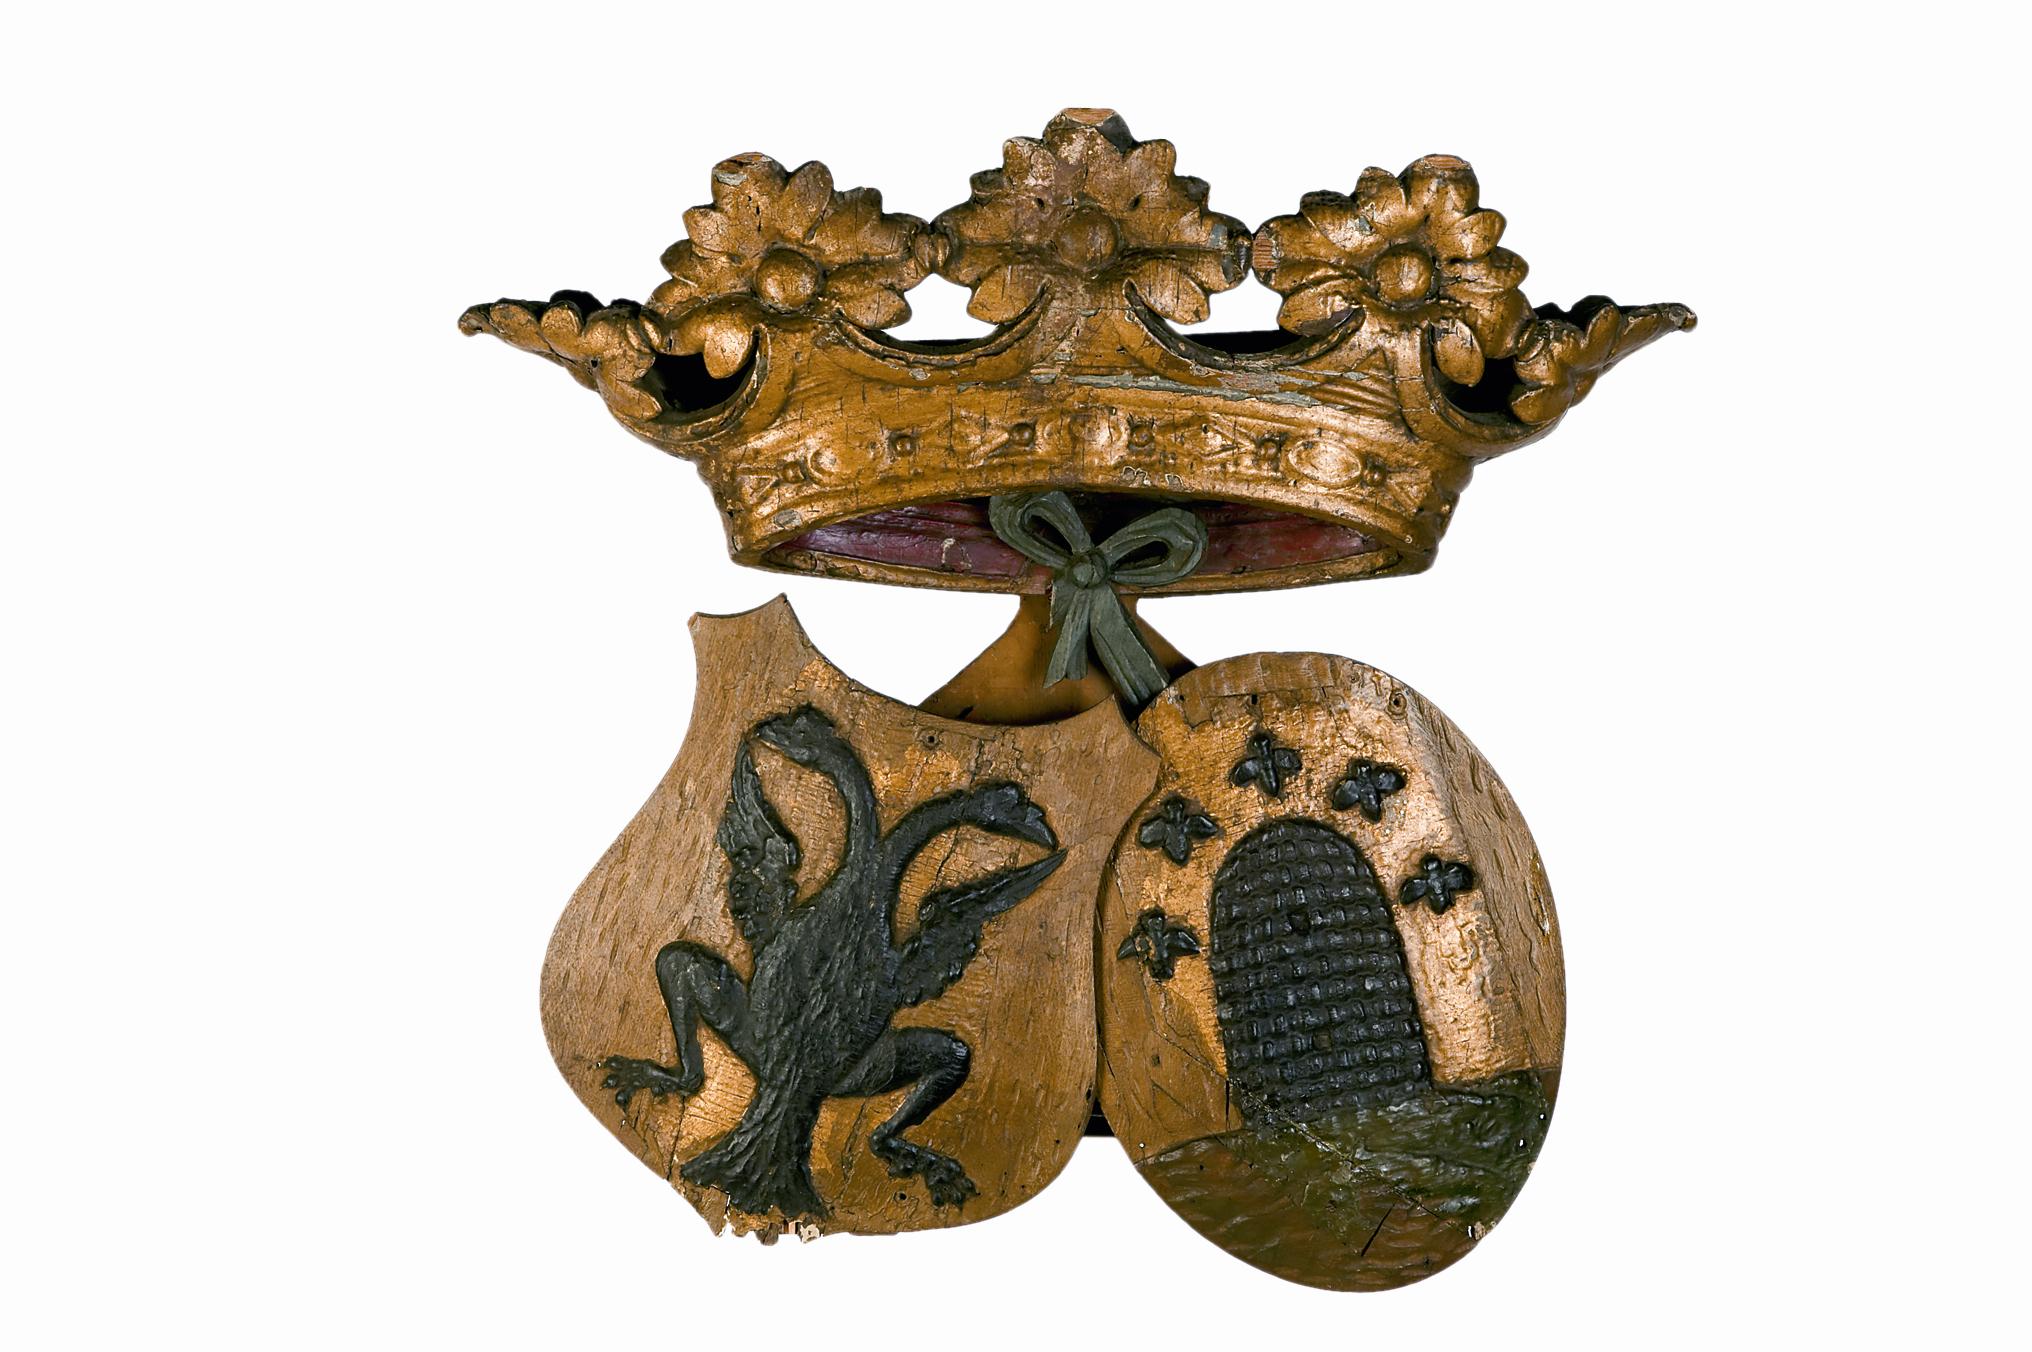 Houten gesneden gevelversiering, met alliantiewapen van Barendregt en Zoeteman, samen onder een kroon